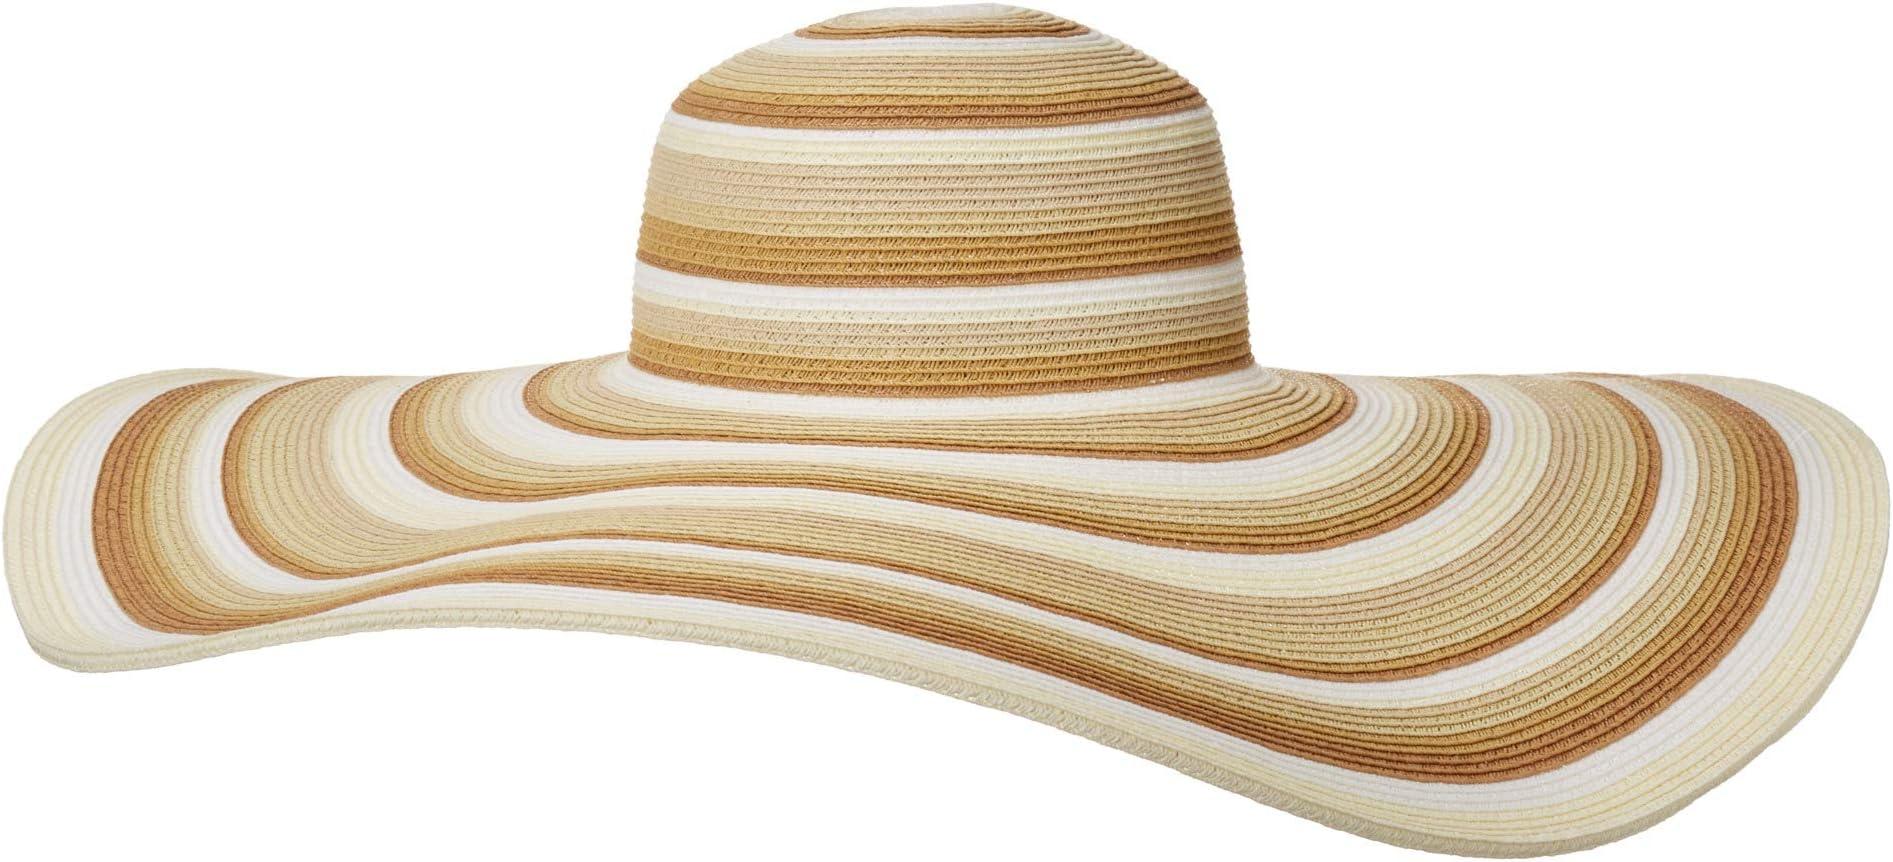 San Diego Hat Company Striped Floppy 8 Inch Brim Sun Hat